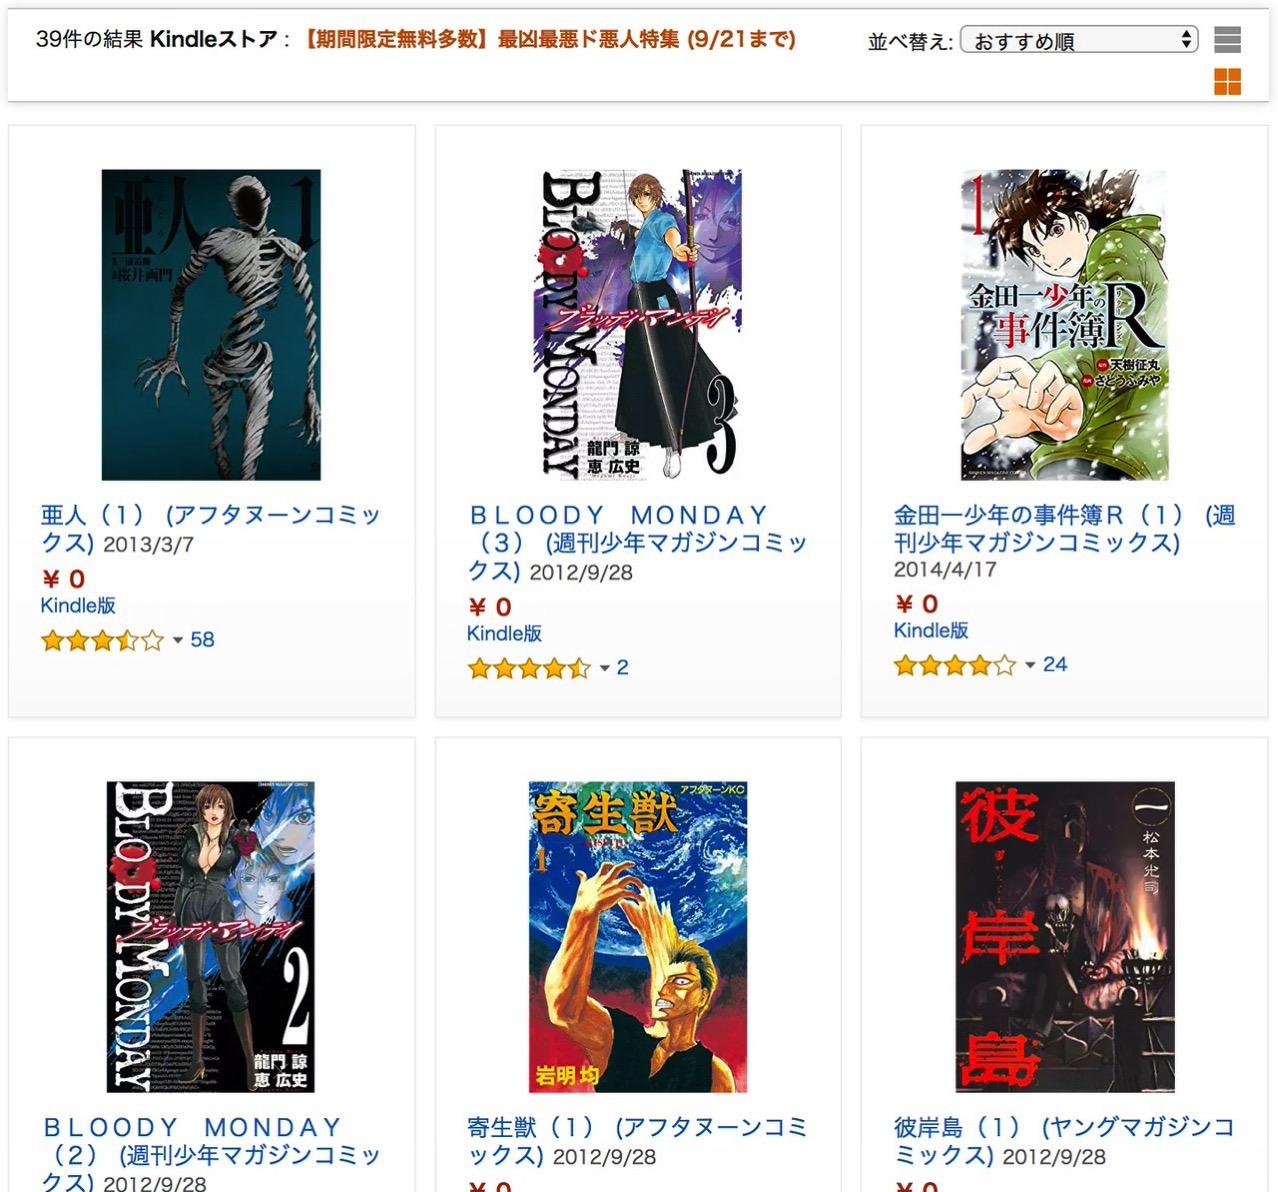 【Kindleセール】期間限定無料多数「最凶最悪ド悪人特集」(9/21まで)